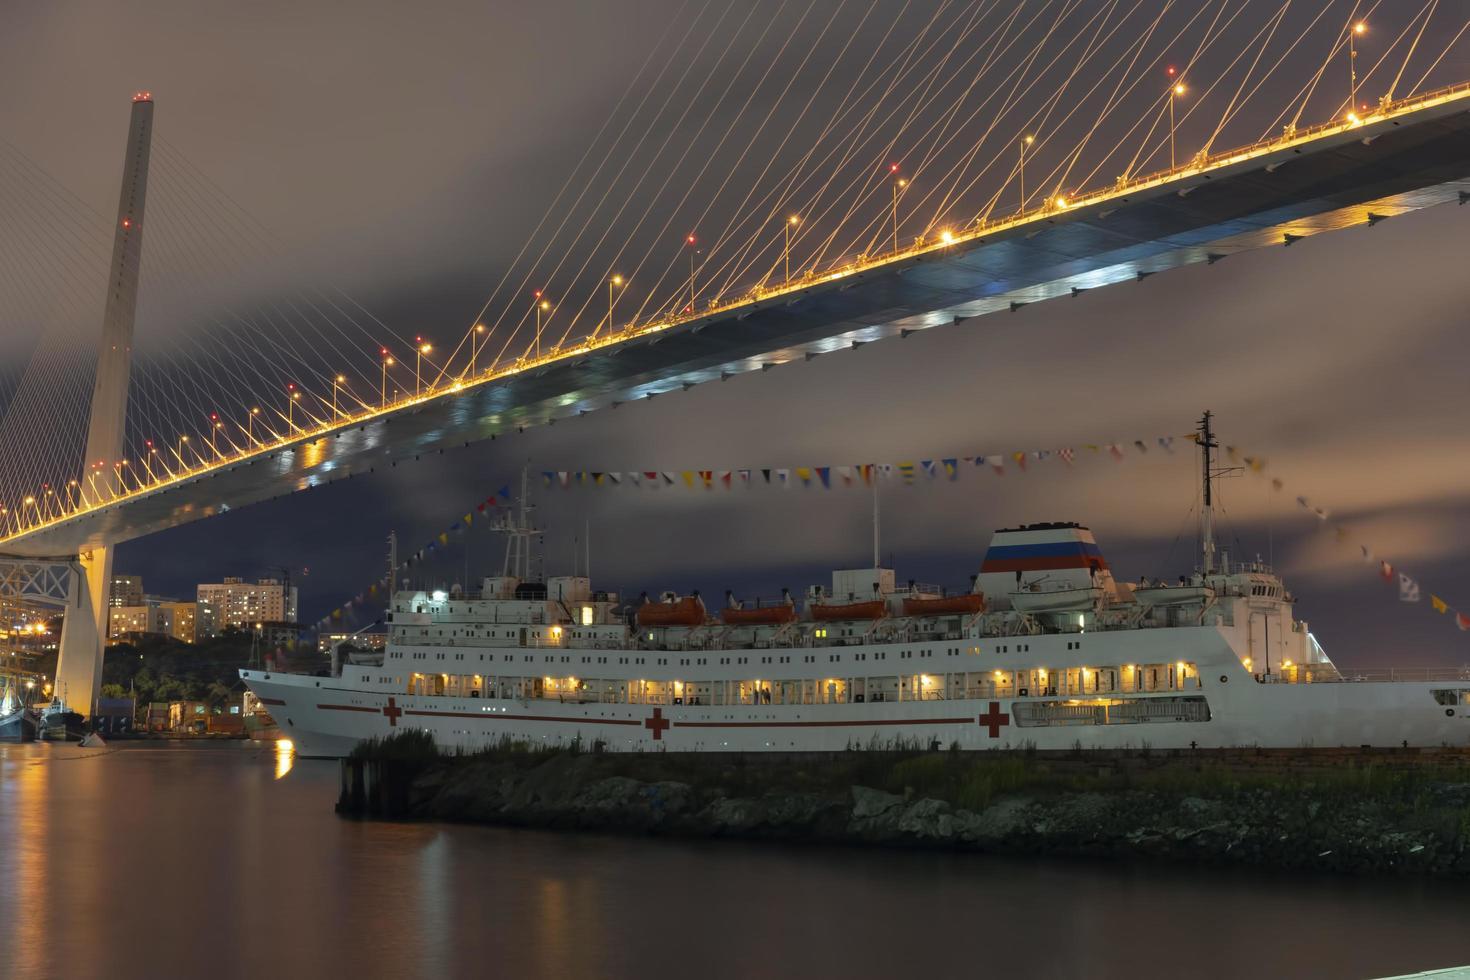 Nachtlandschaft mit Blick auf die goldene Hornbucht und das Schiff. foto